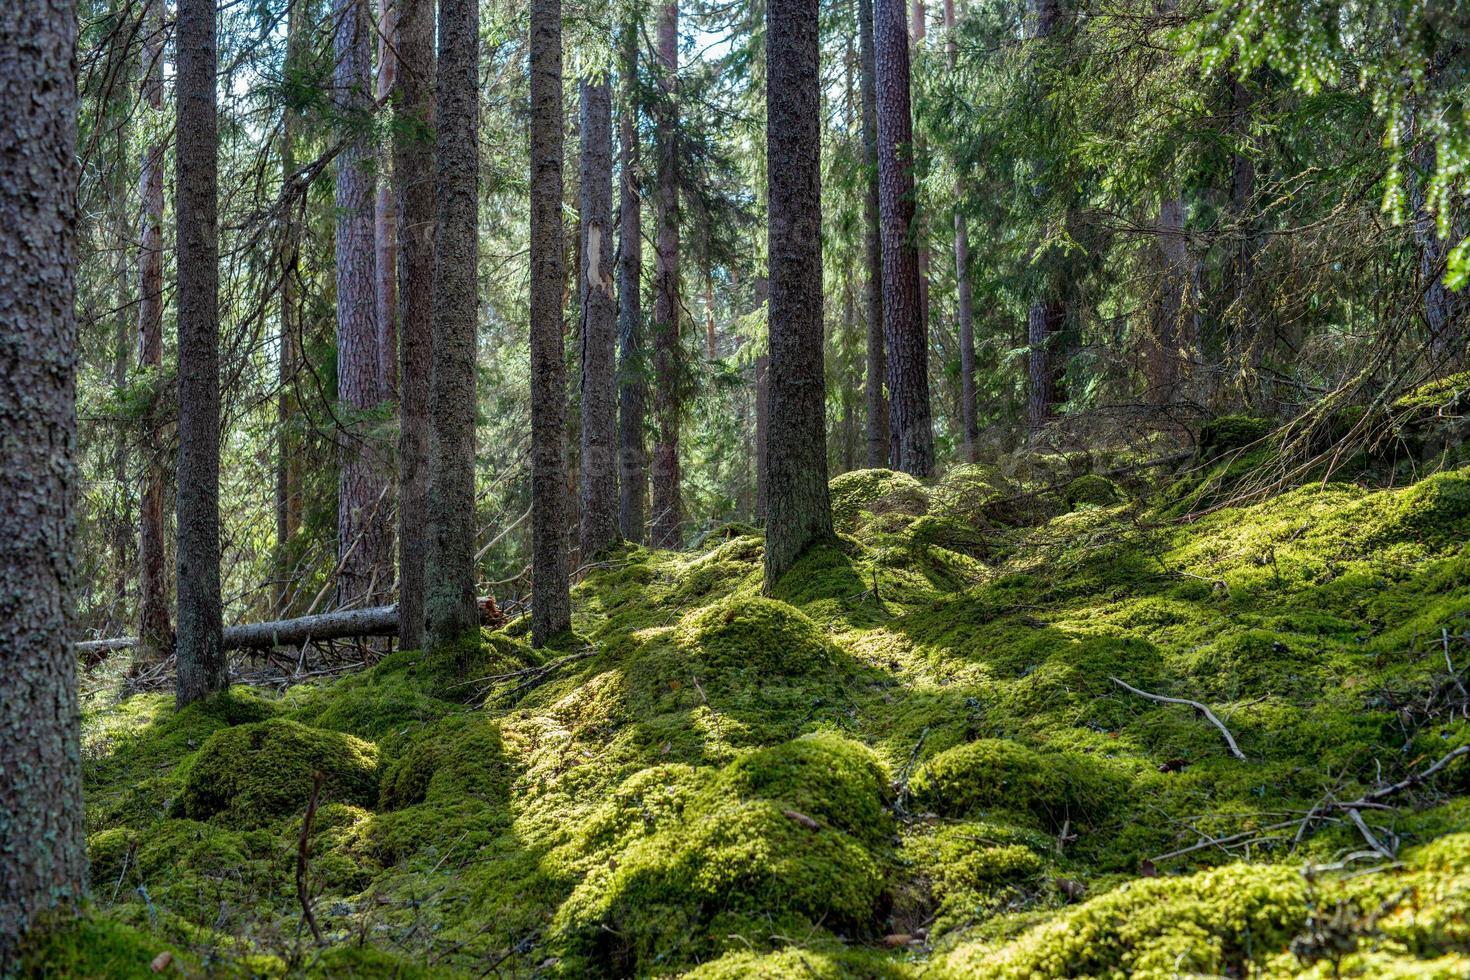 vecchia foresta di abeti nella luce del sole primaverile foto